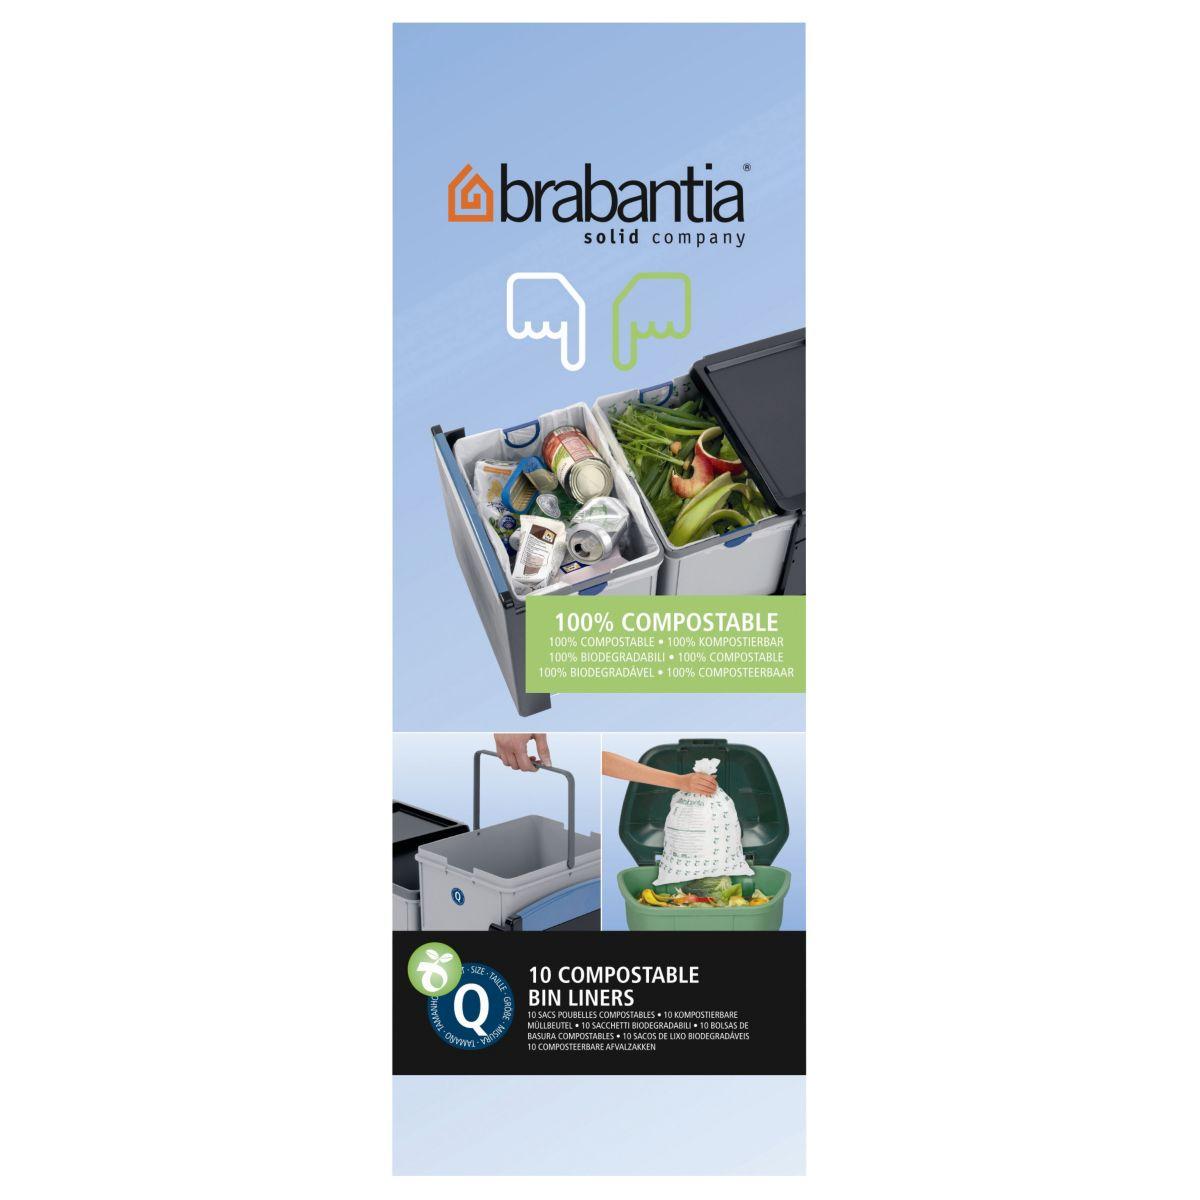 Sac poubelle brabantia 18l biod�gradable - rouleau de 10 sacs - 7% de remise imm�diate avec le code : deal7 (photo)